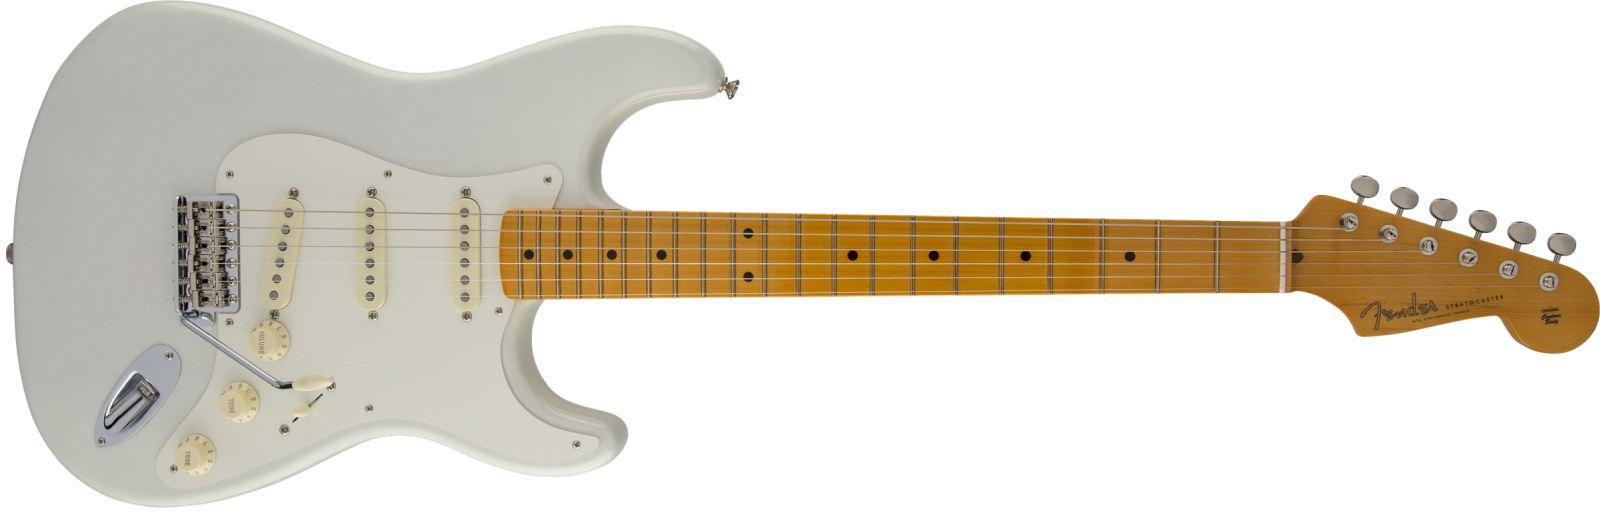 Fender Eric Johnson Stratocaster WBL